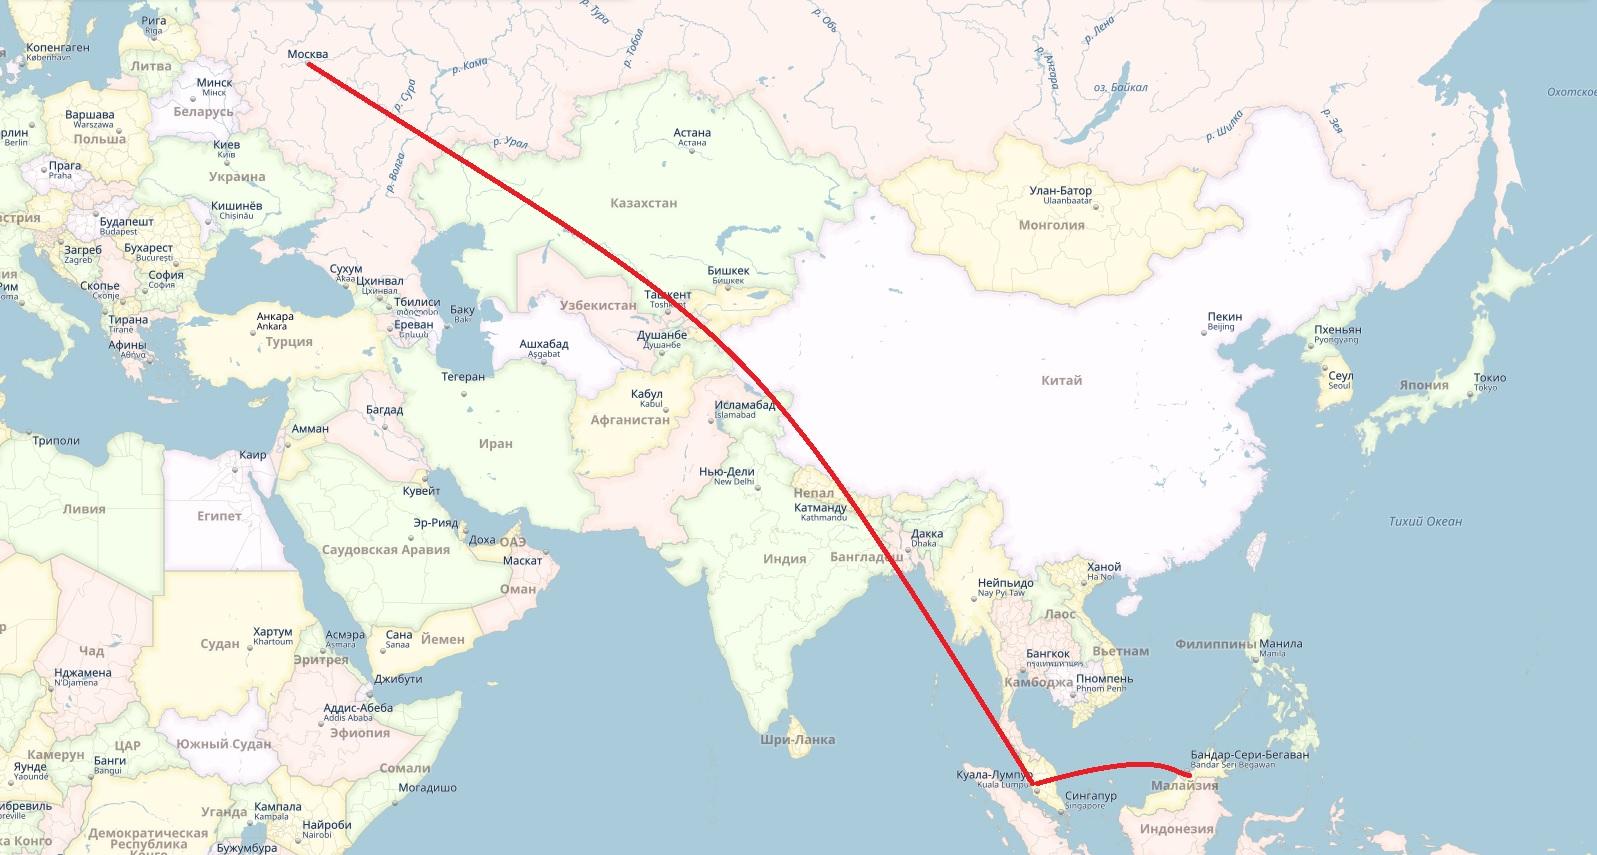 маршрут россия малайзия